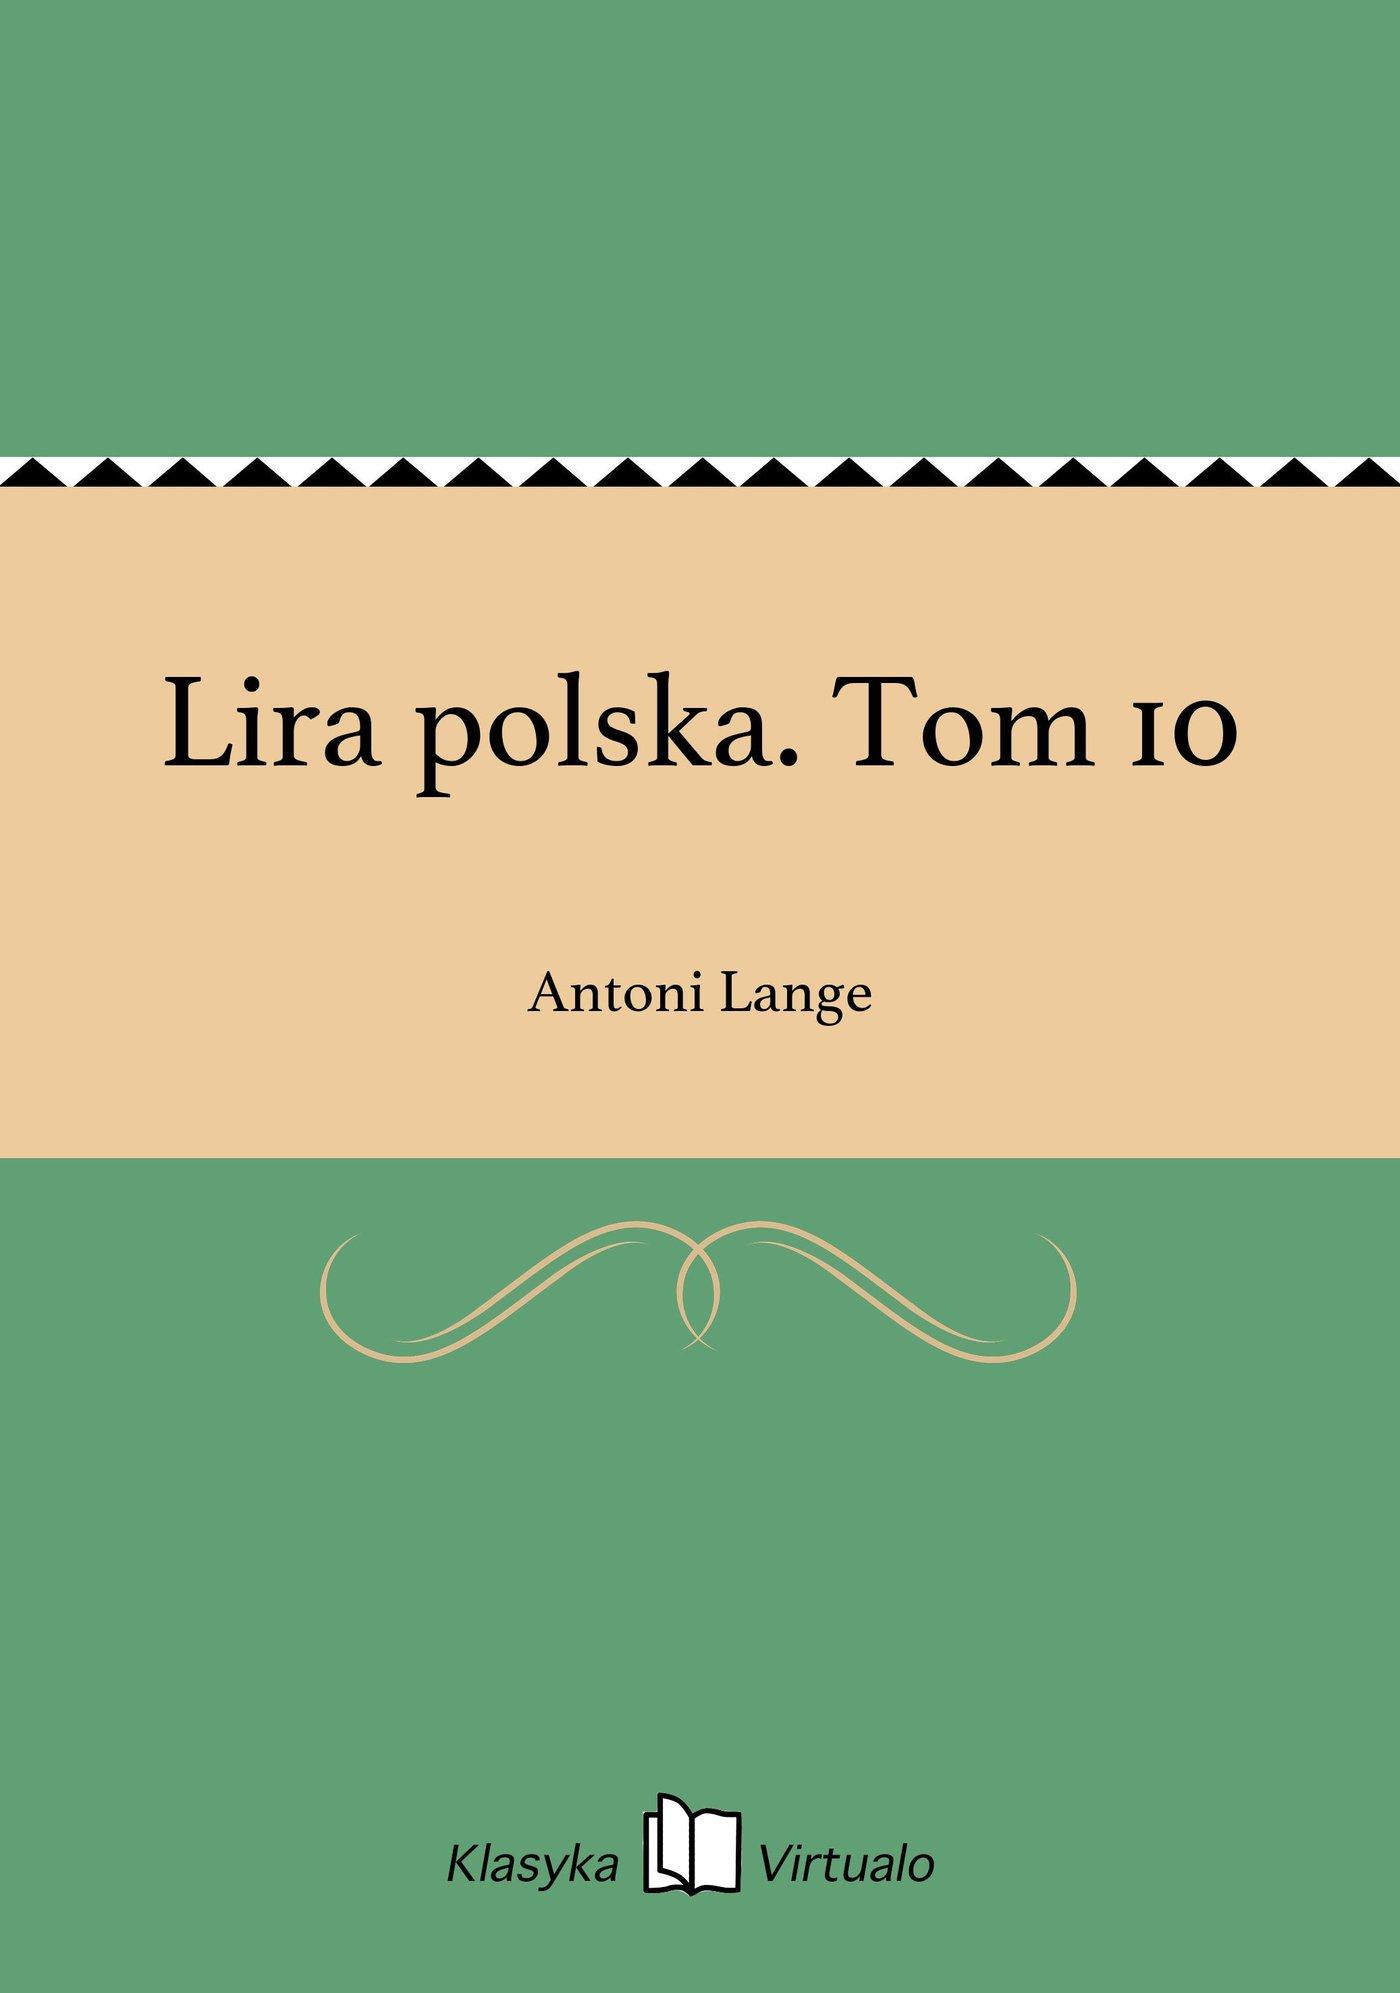 Lira polska. Tom 10 - Ebook (Książka EPUB) do pobrania w formacie EPUB